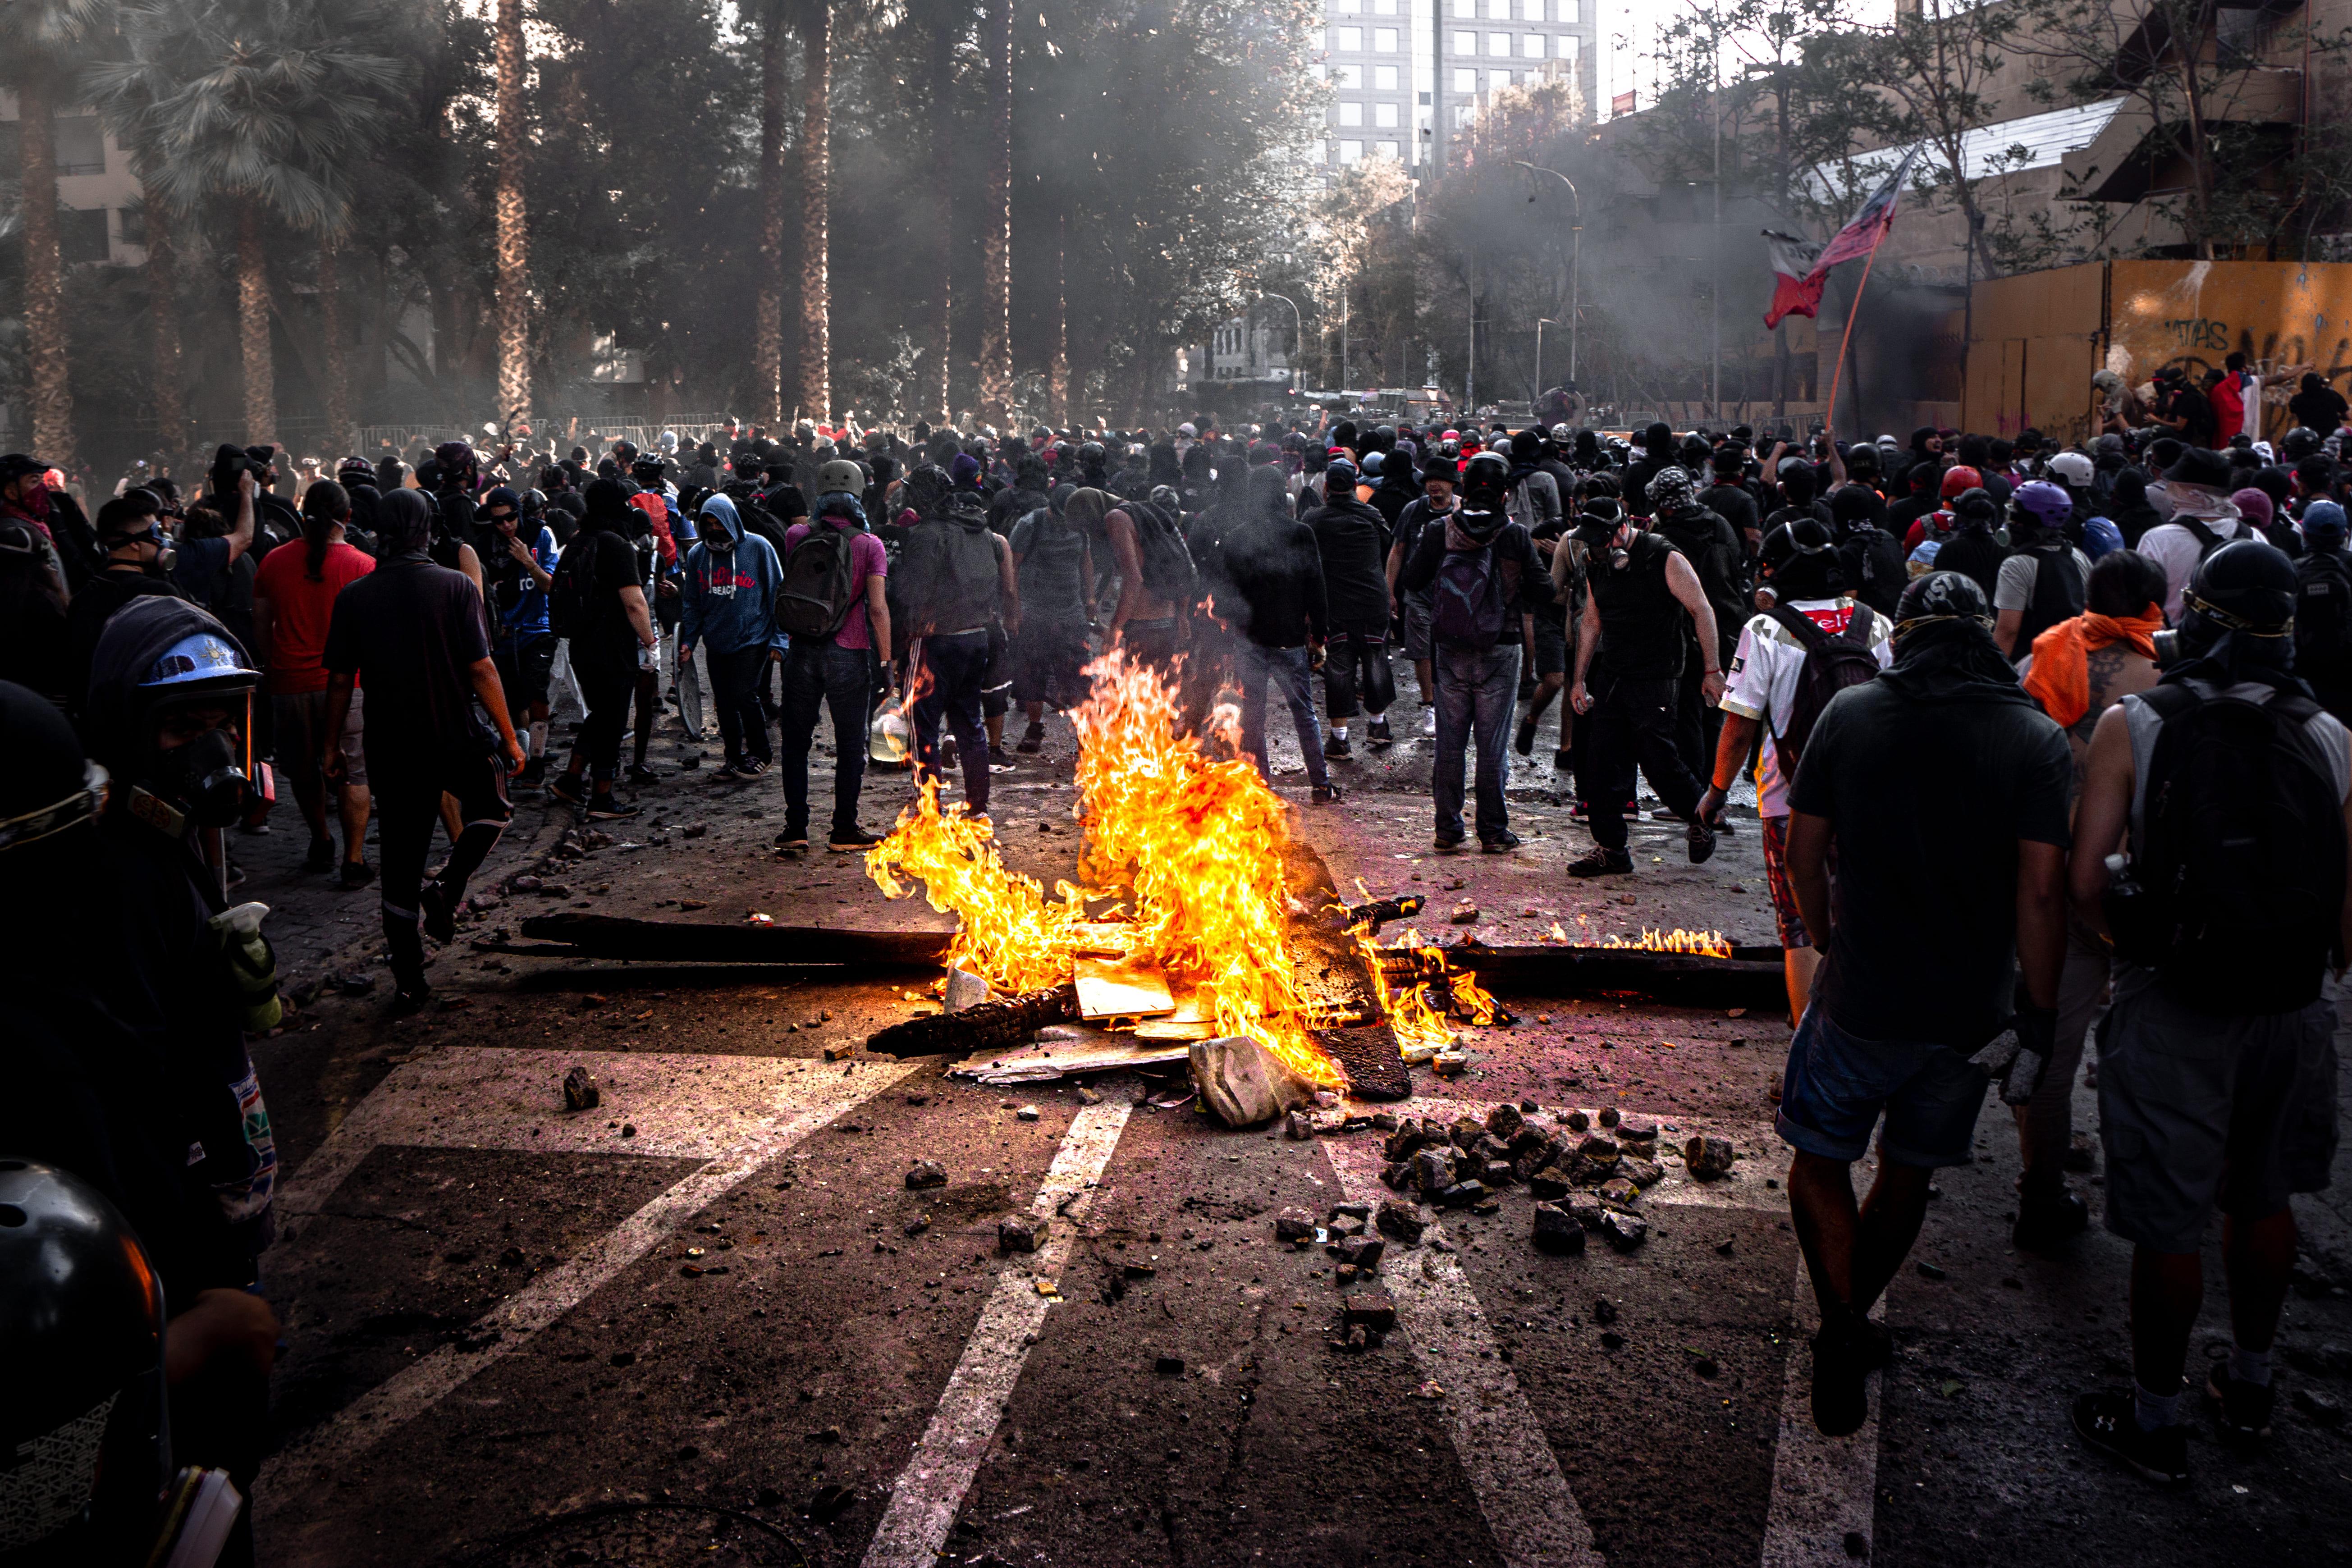 El modelo chileno amenazado, pero aún intacto